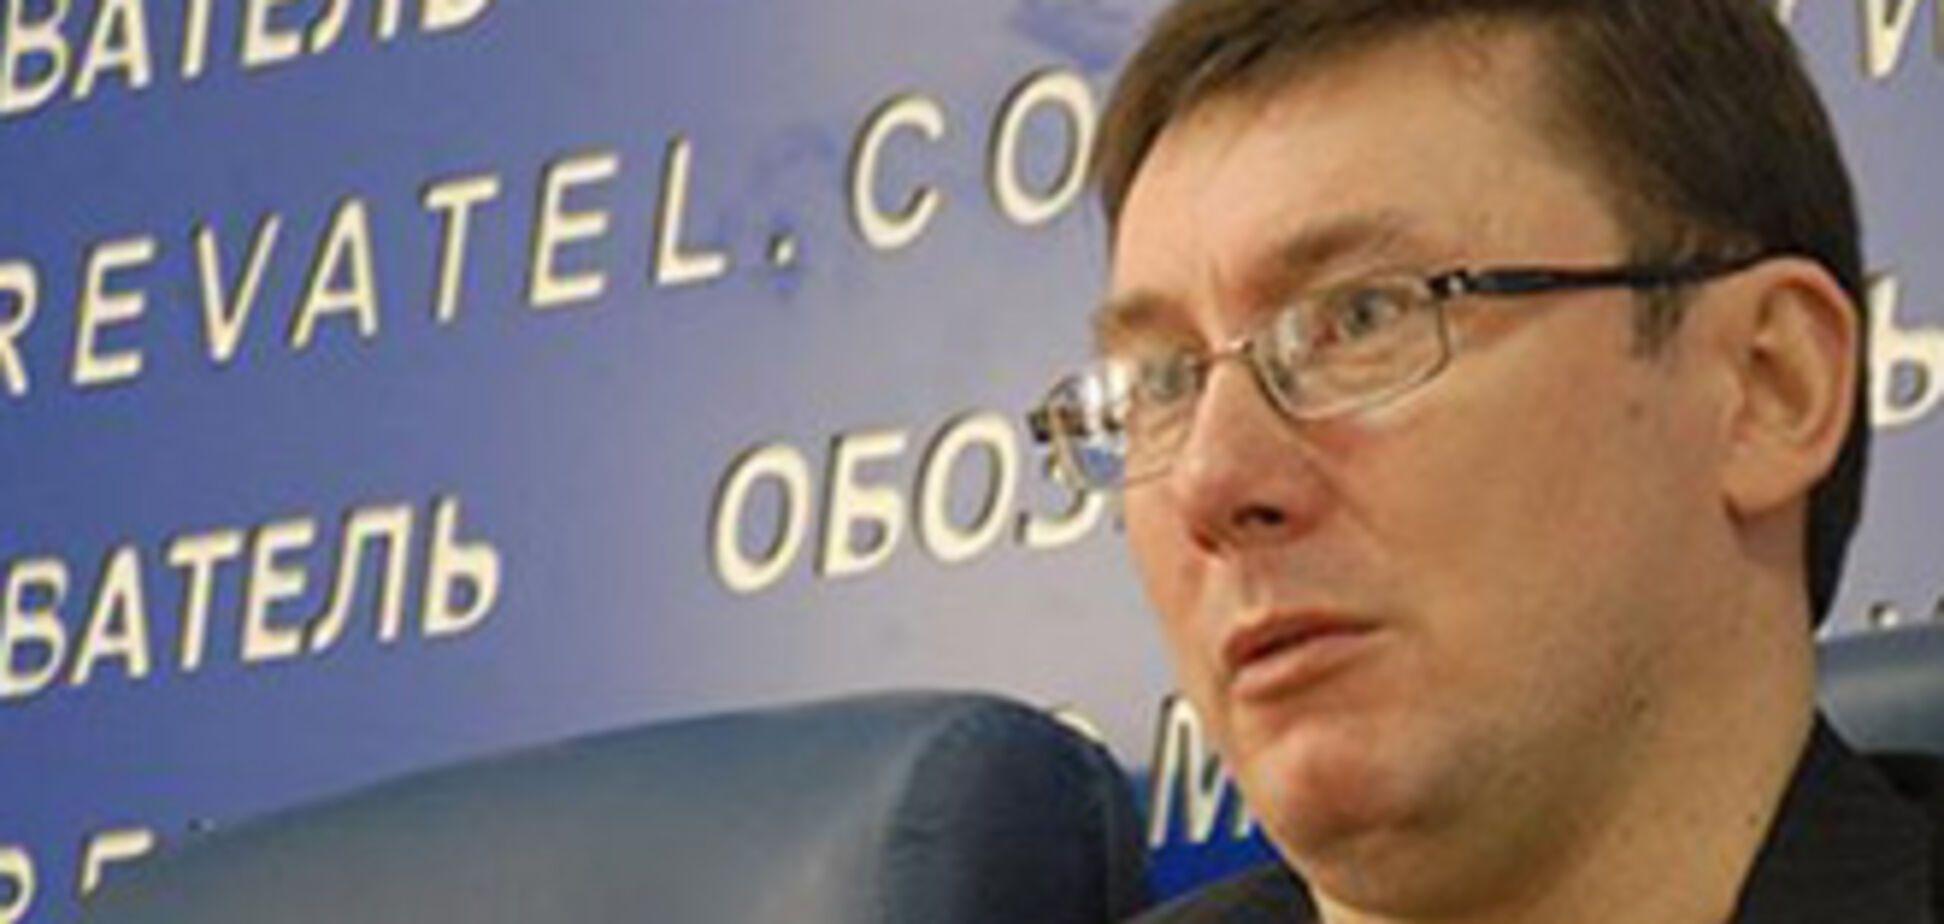 МВД призывает прекратить политический шабаш